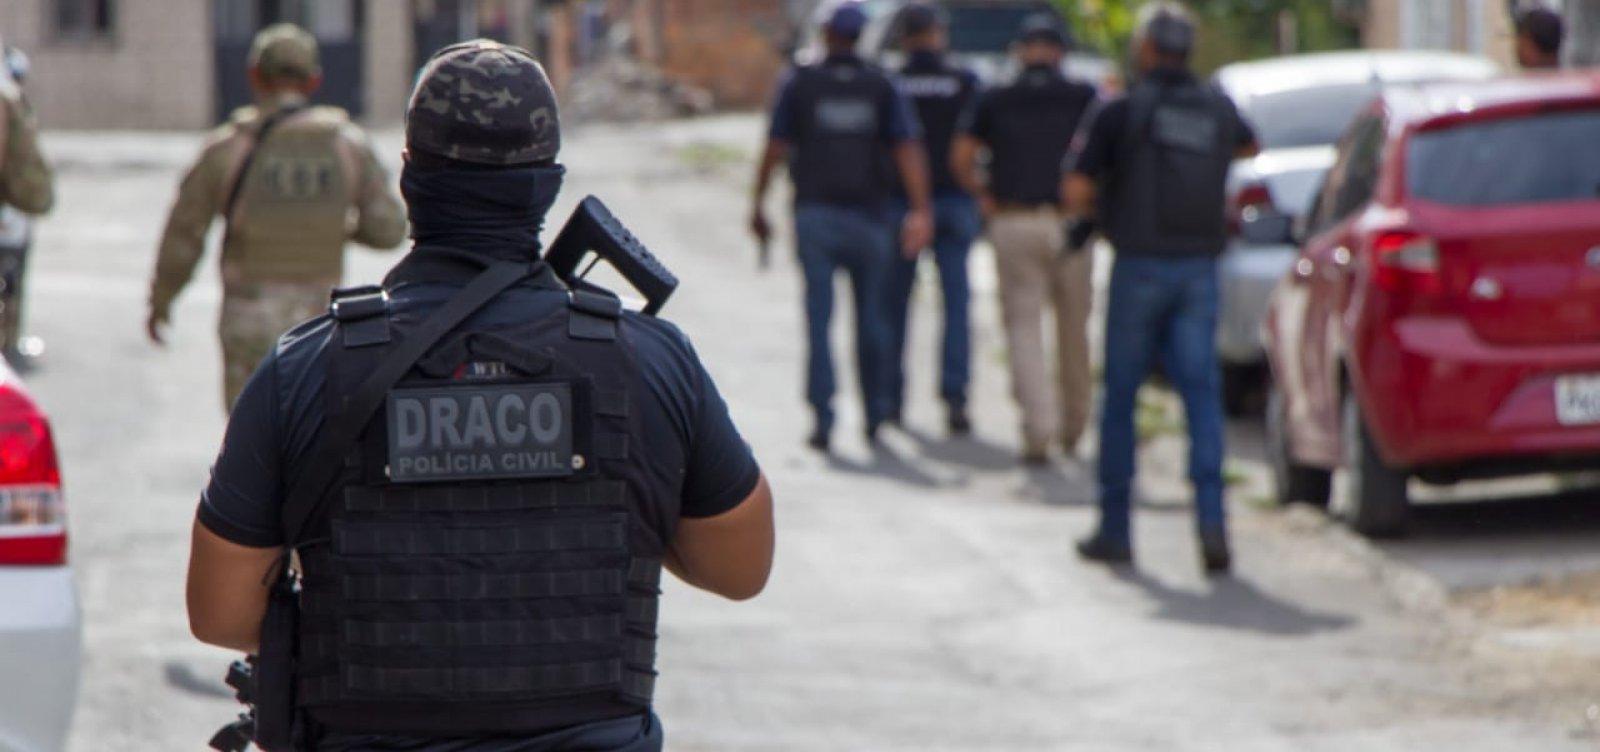 Polícia indicia 12 pessoas pelo sequestro de garoto de nove anos em Miguel Calmon